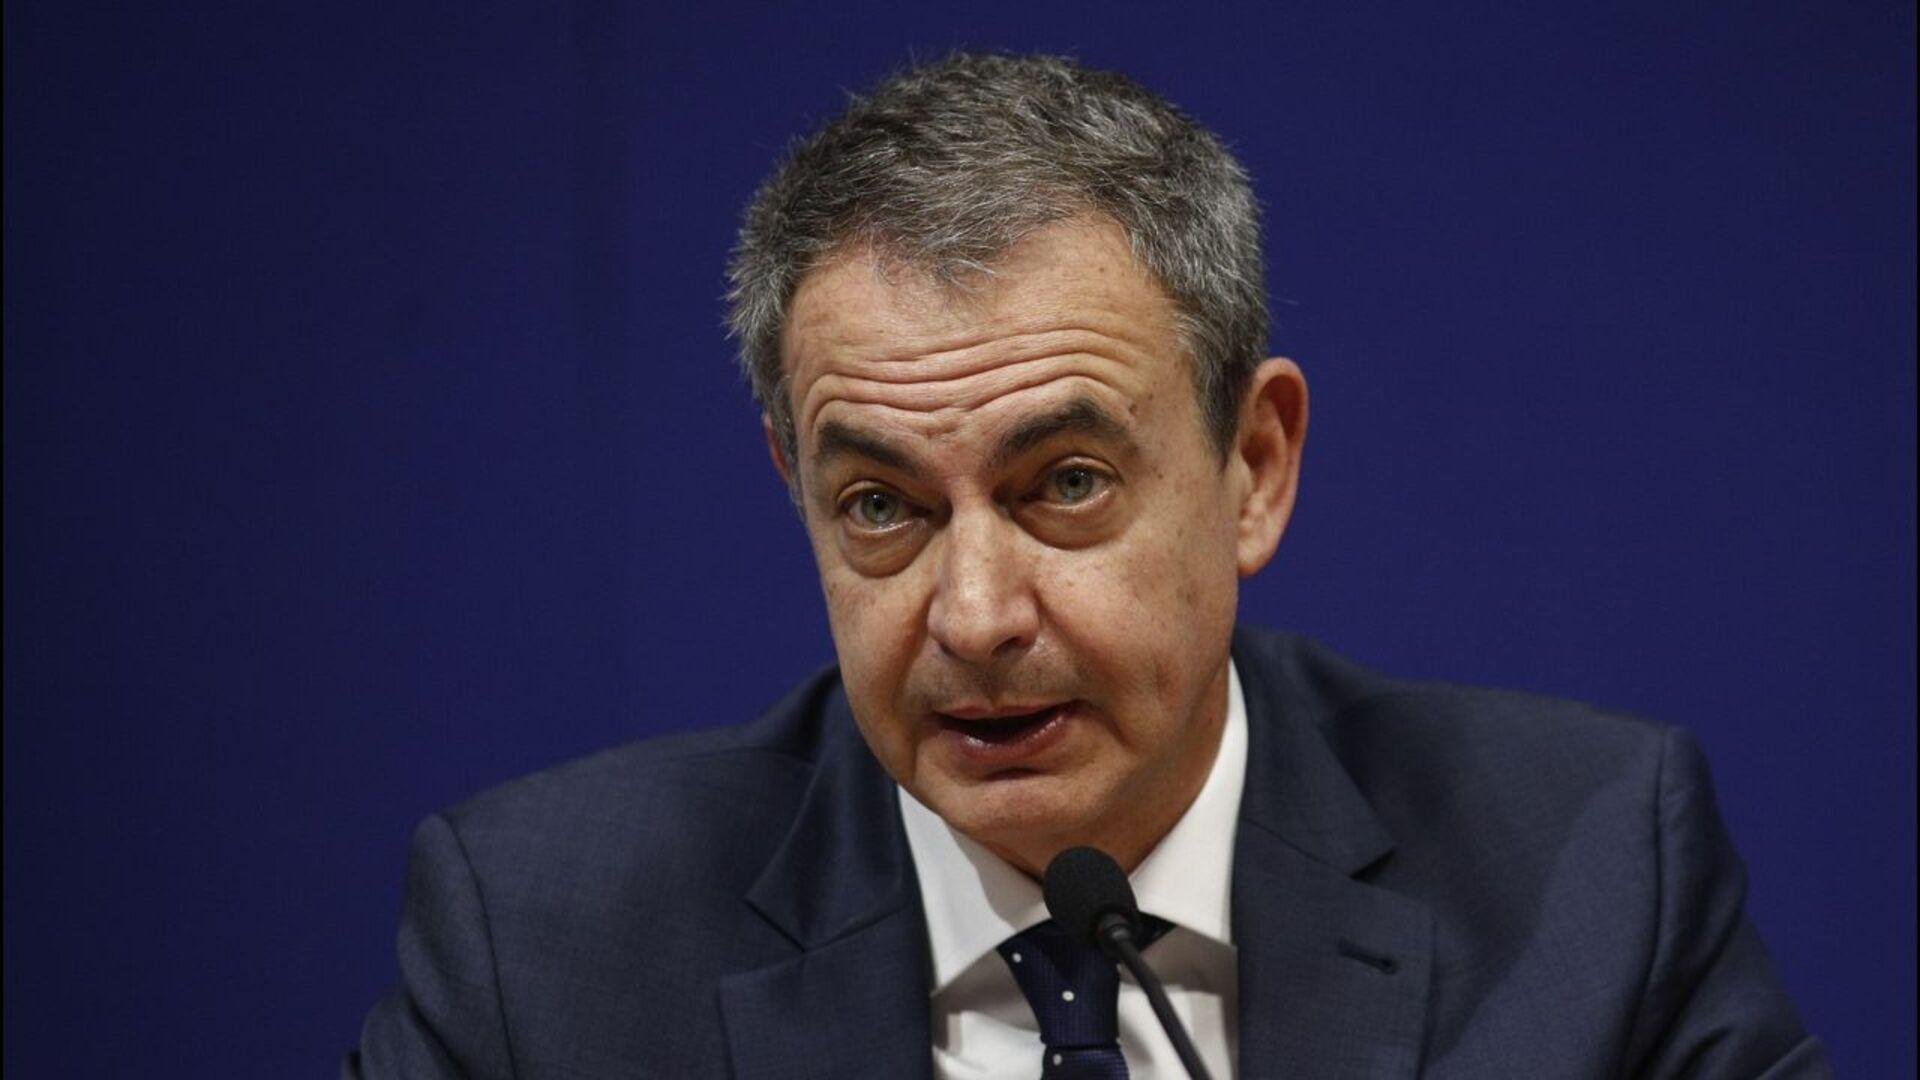 Rodríguez Zapatero: El camino es el voto y el diálogo